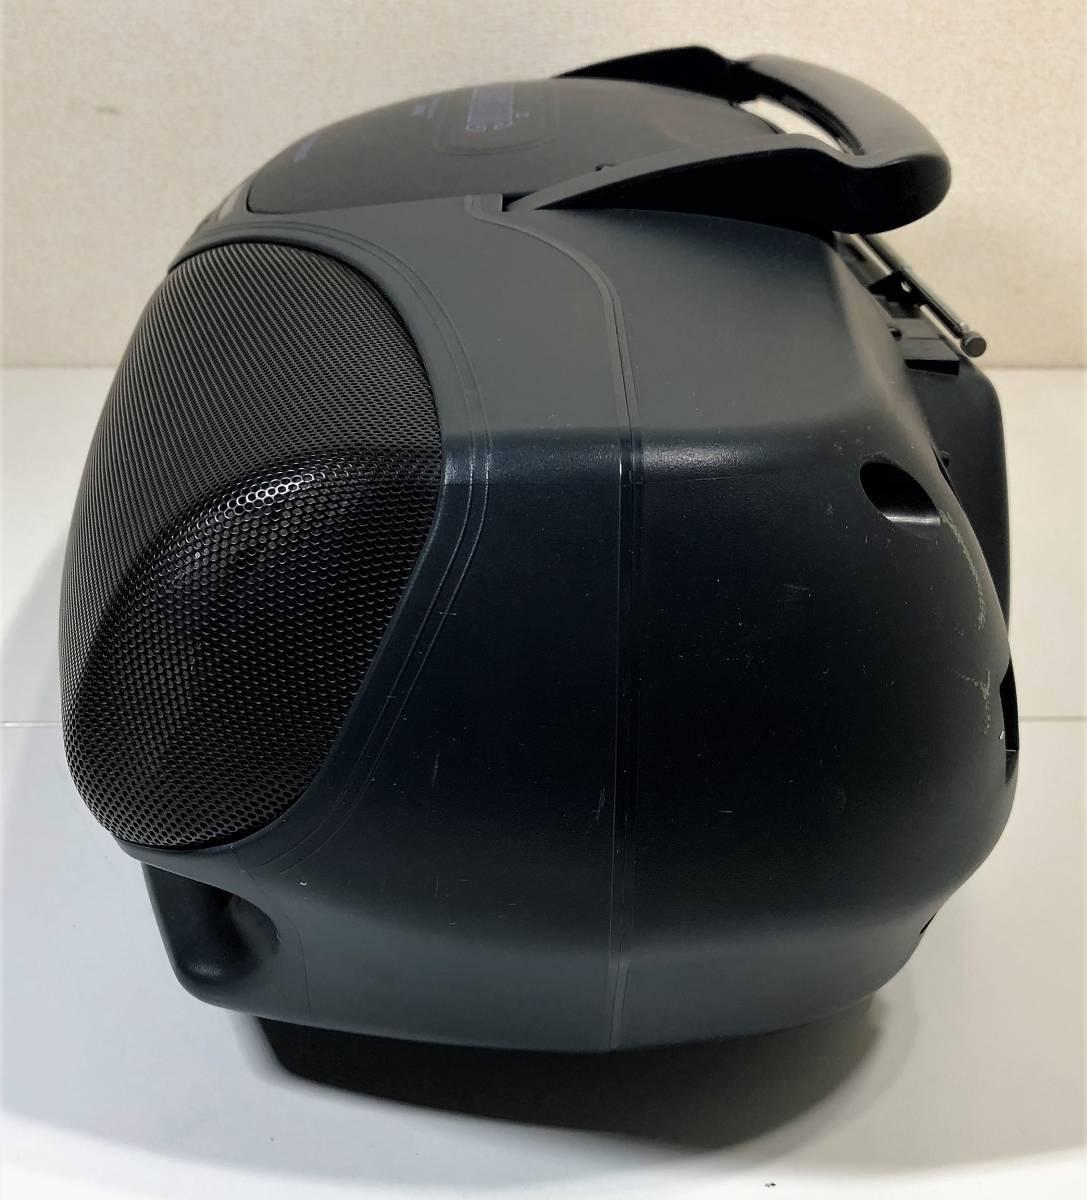 当時物 パナソニック CDバブルラジカセ Panasonic RX-DT95 コブラトップ仕様、ジャンク扱い_画像8